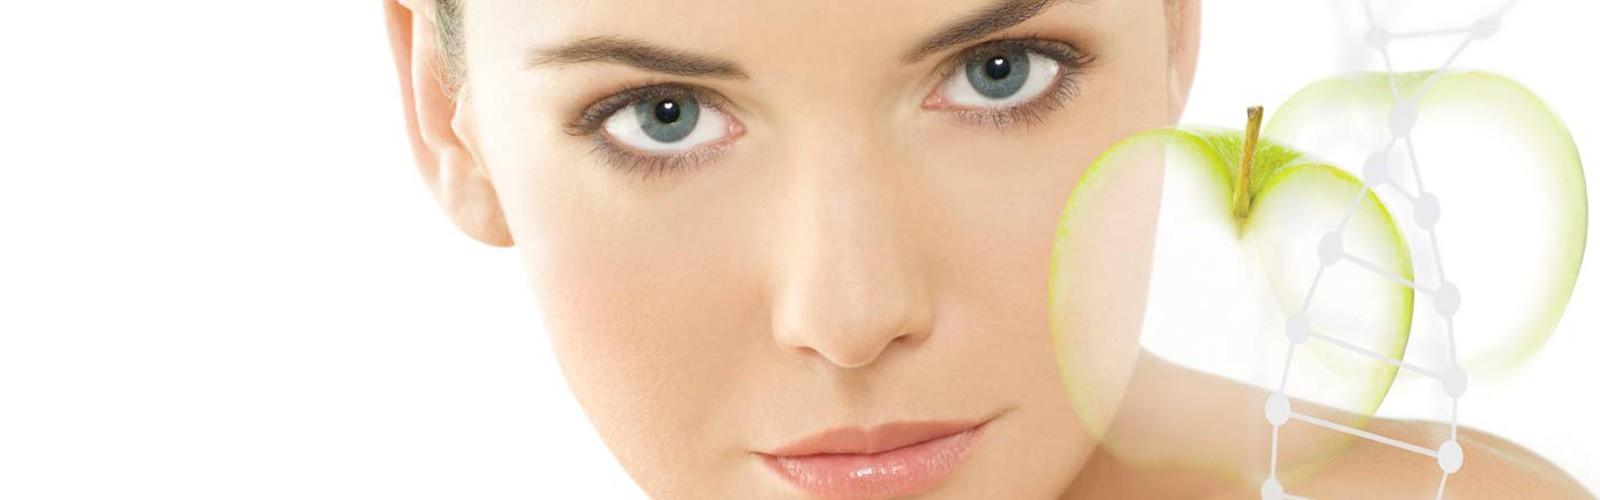 Medicina estetica e Nutrizione anti-aging